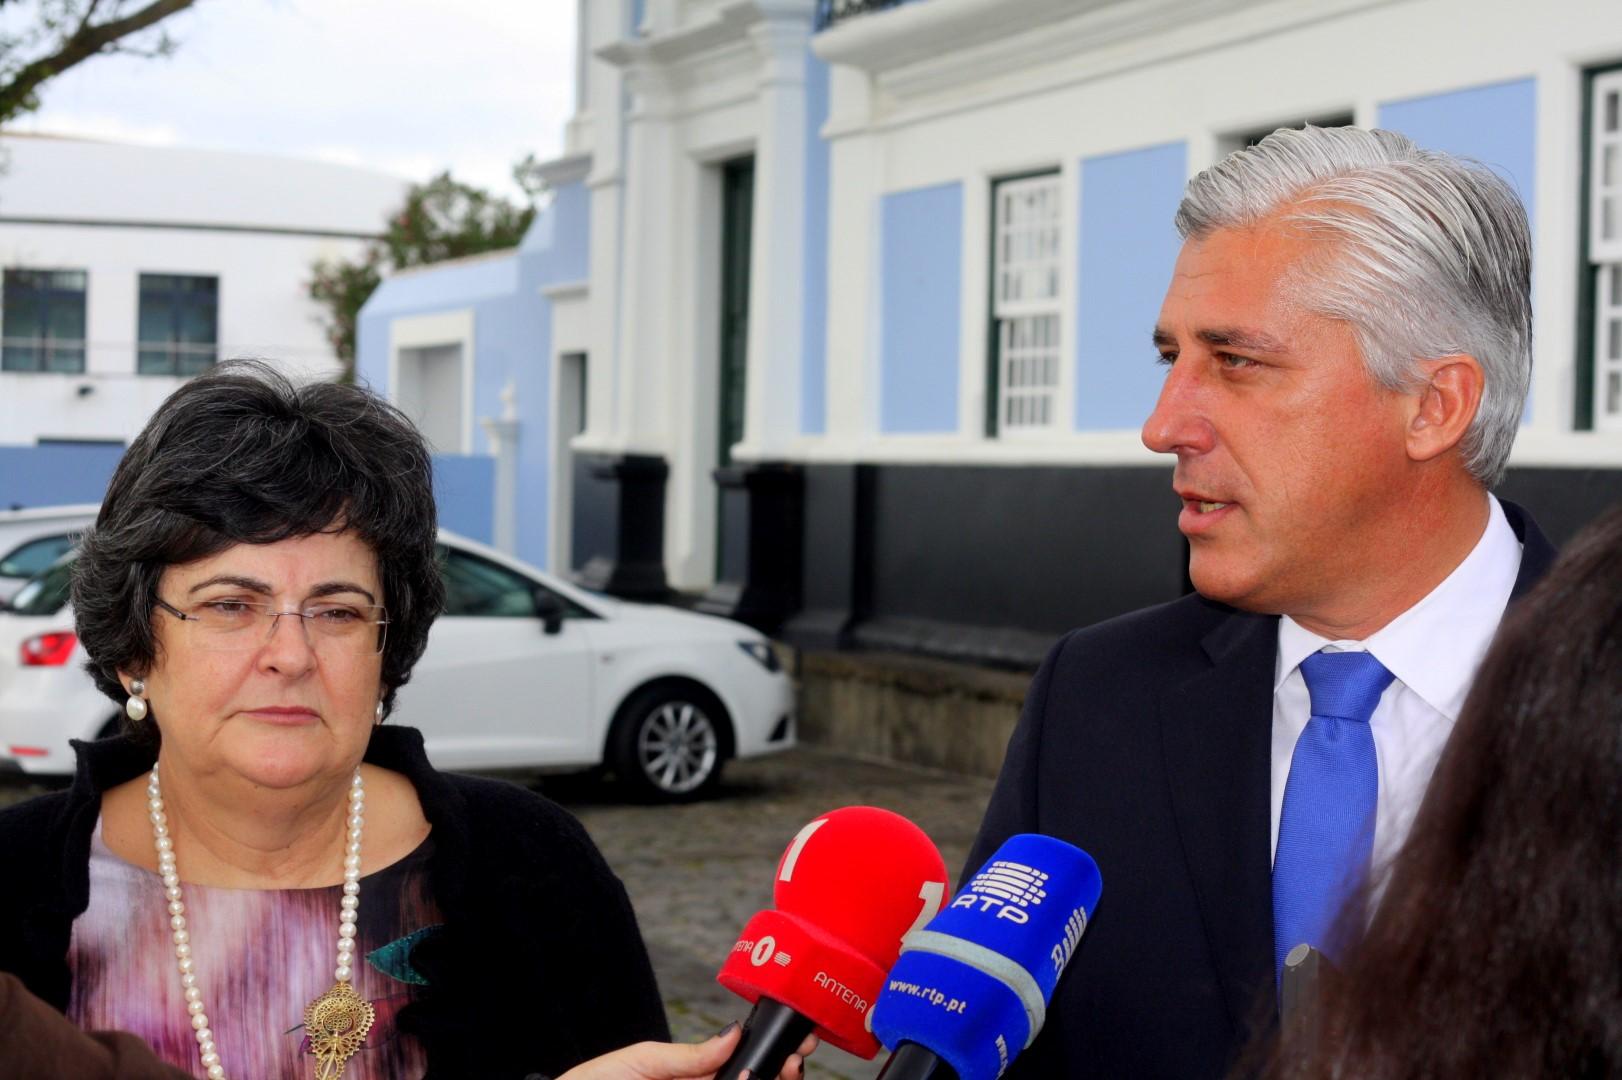 Criação de emprego é a principal preocupação do PSD/Açores